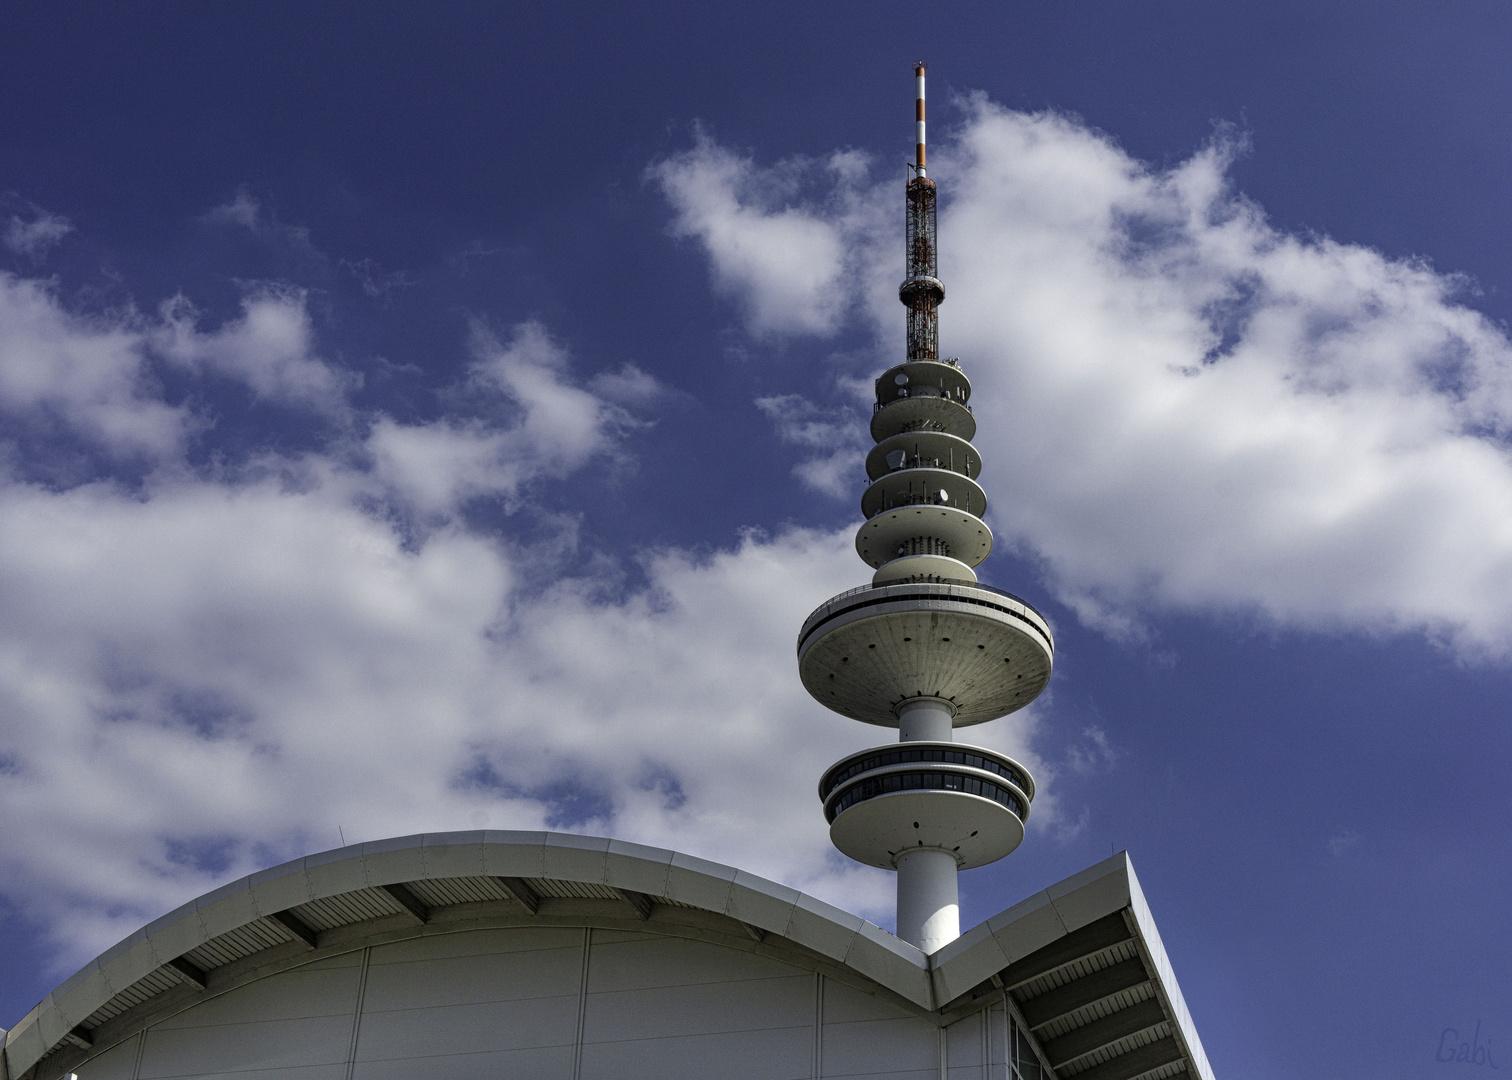 Der Dachturm